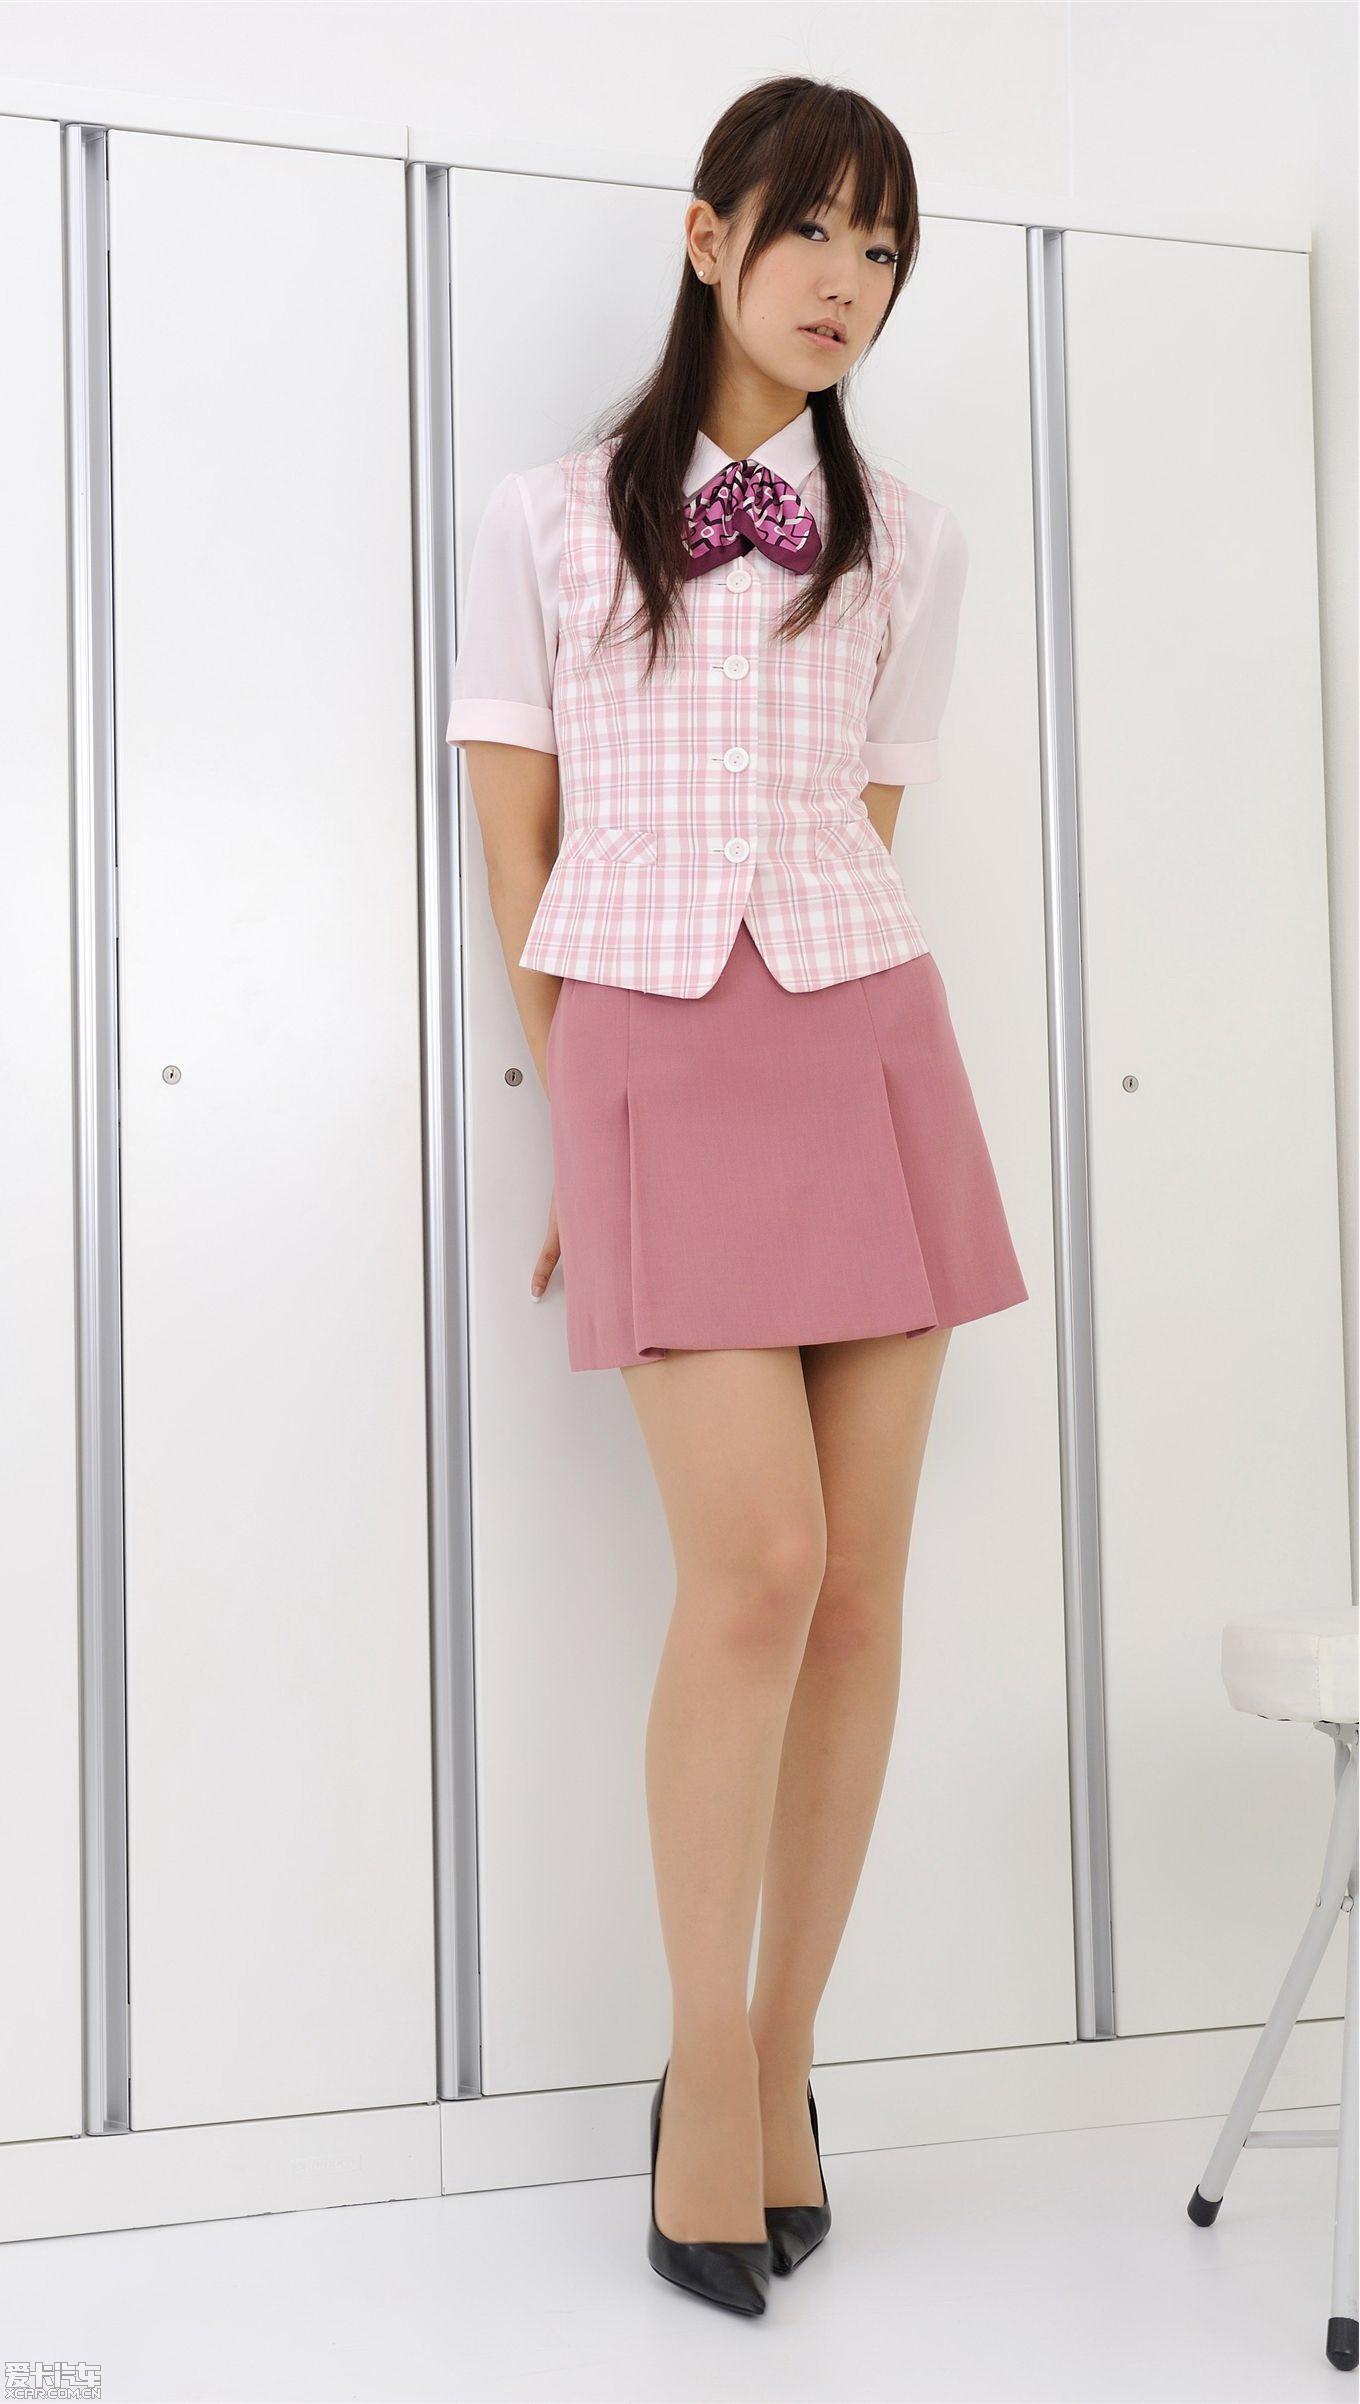 【精华】更衣间里的清纯长腿女生sc……高清大图!